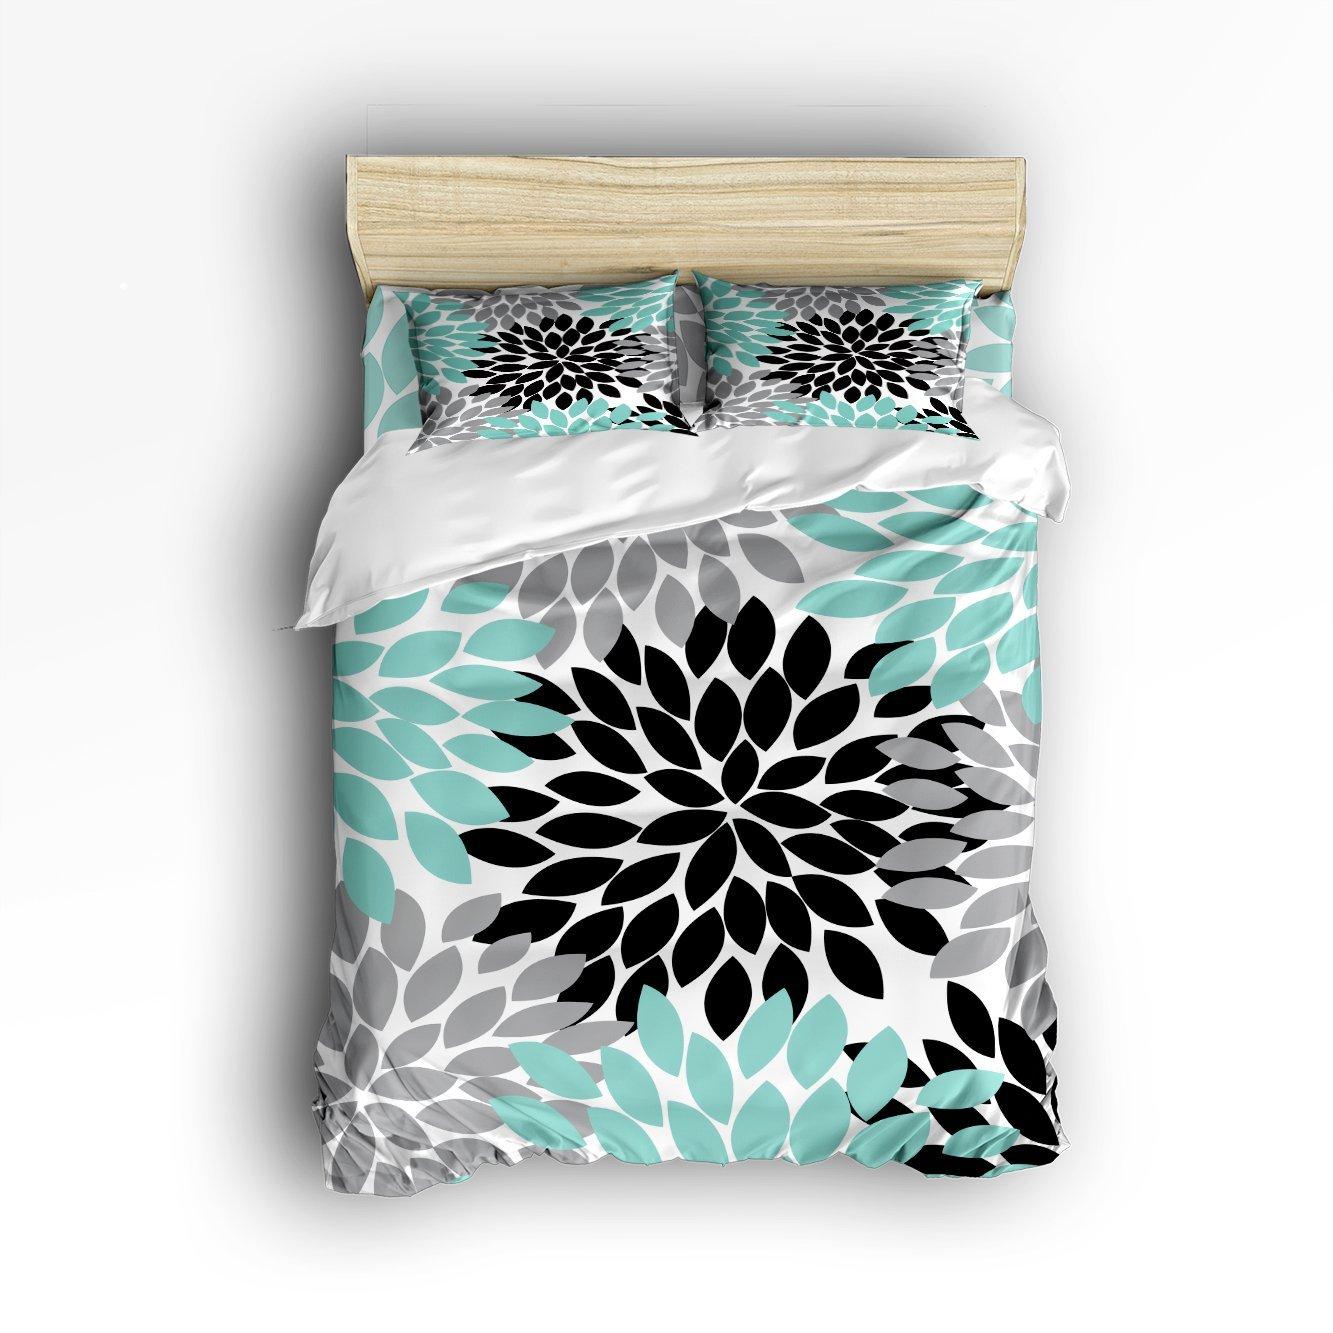 Ensemble de literie Queen Size-multicolore Dahlia Pinnata fleur housse de couette ensemble couvre-lit 4 pièces-sarcelle, noir, gris